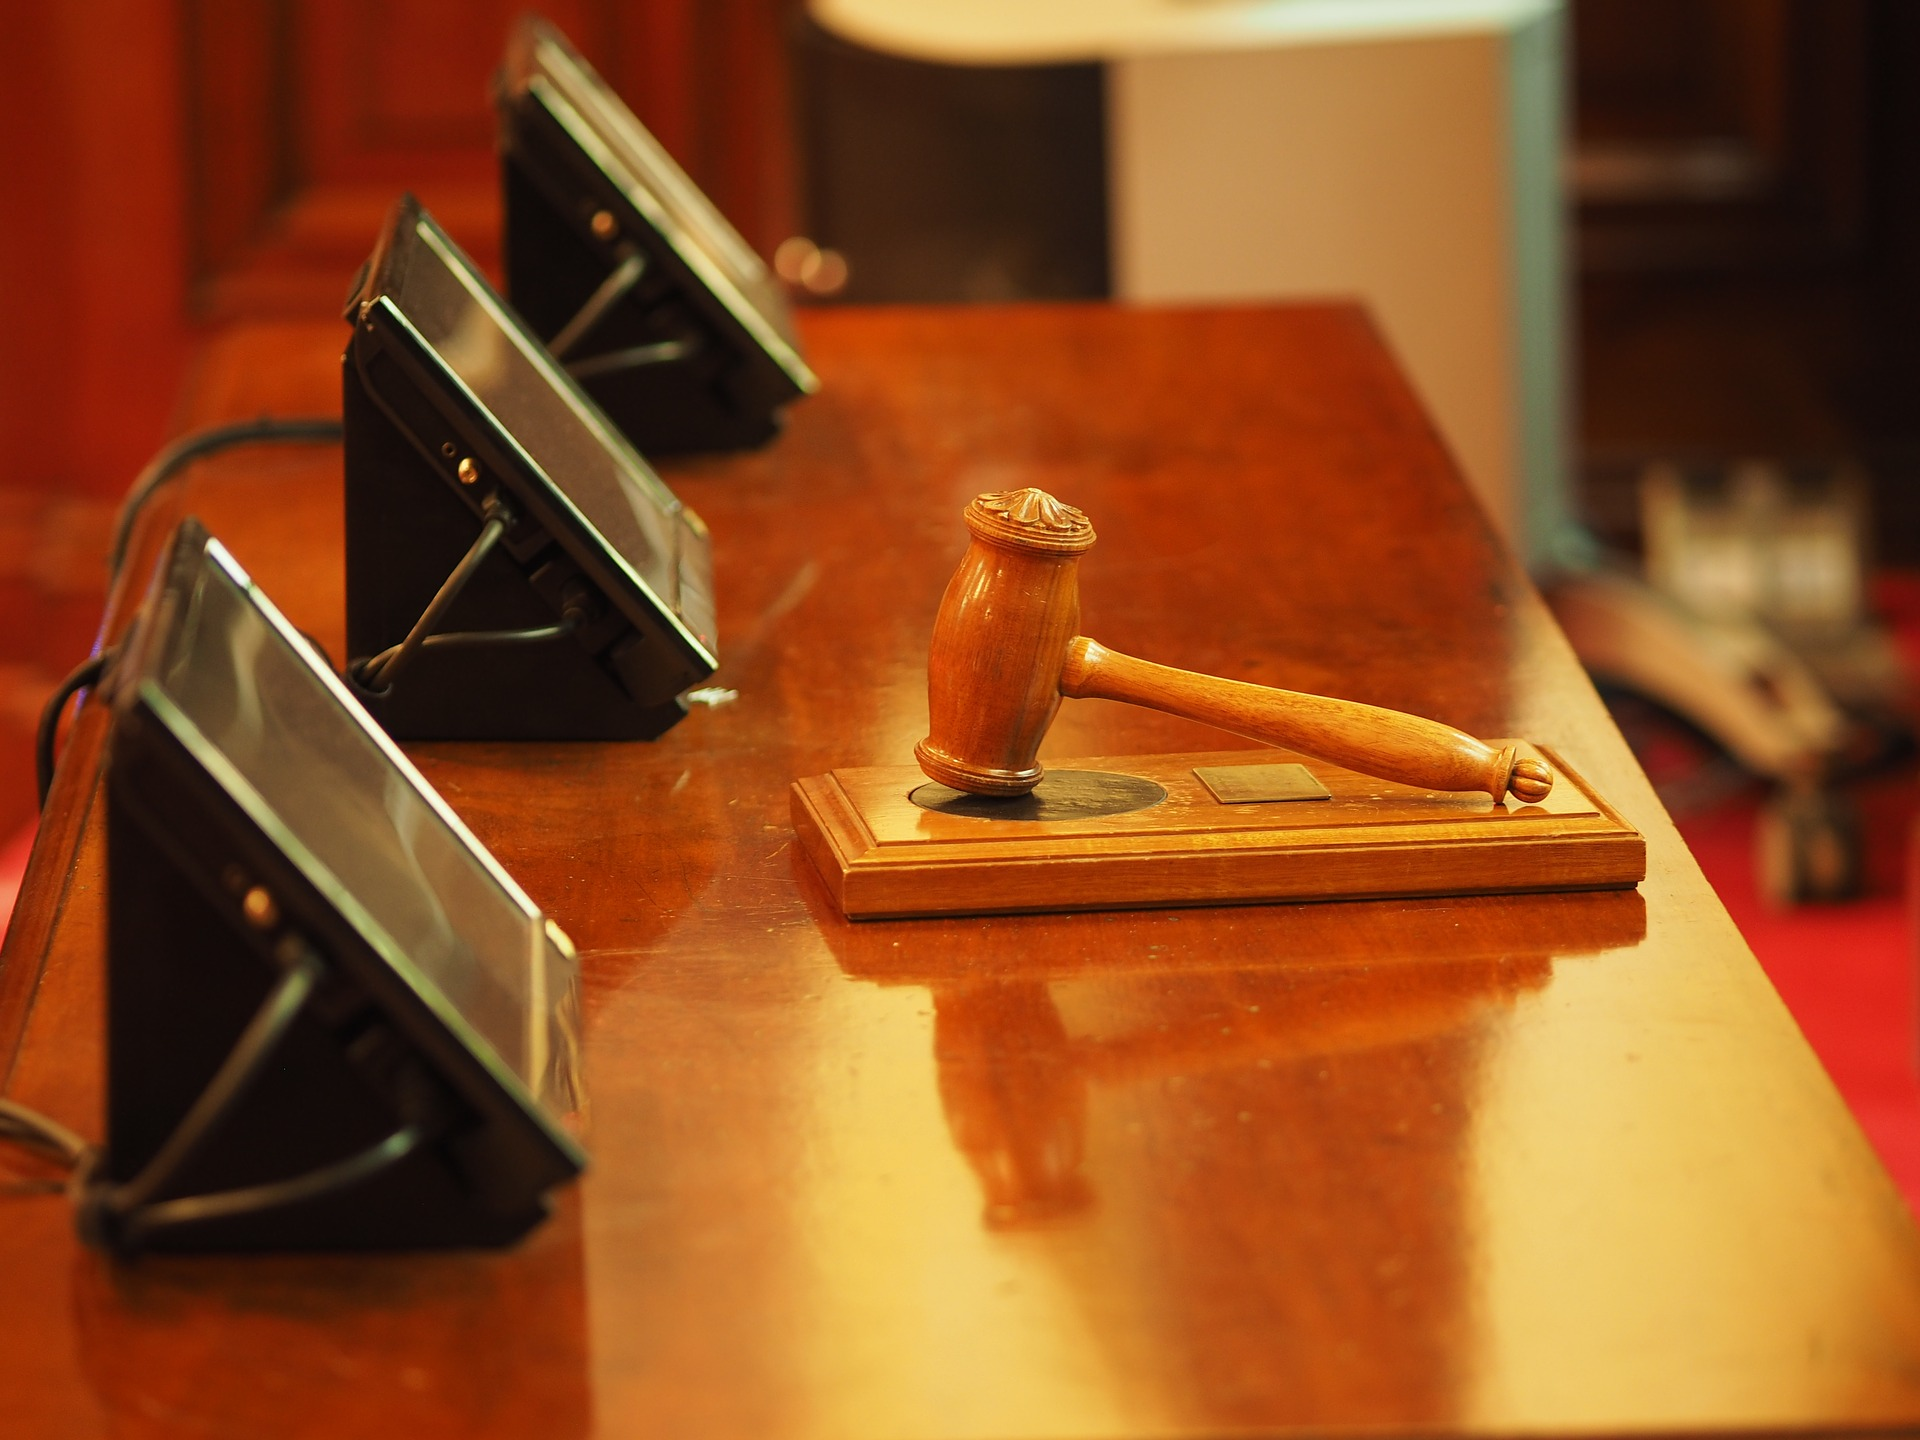 El TS confirma la sentencia que condenó a exvicealcaldesa de Fuenlabrada (Madrid) y a dos funcionarios por malversación de caudales públicos.